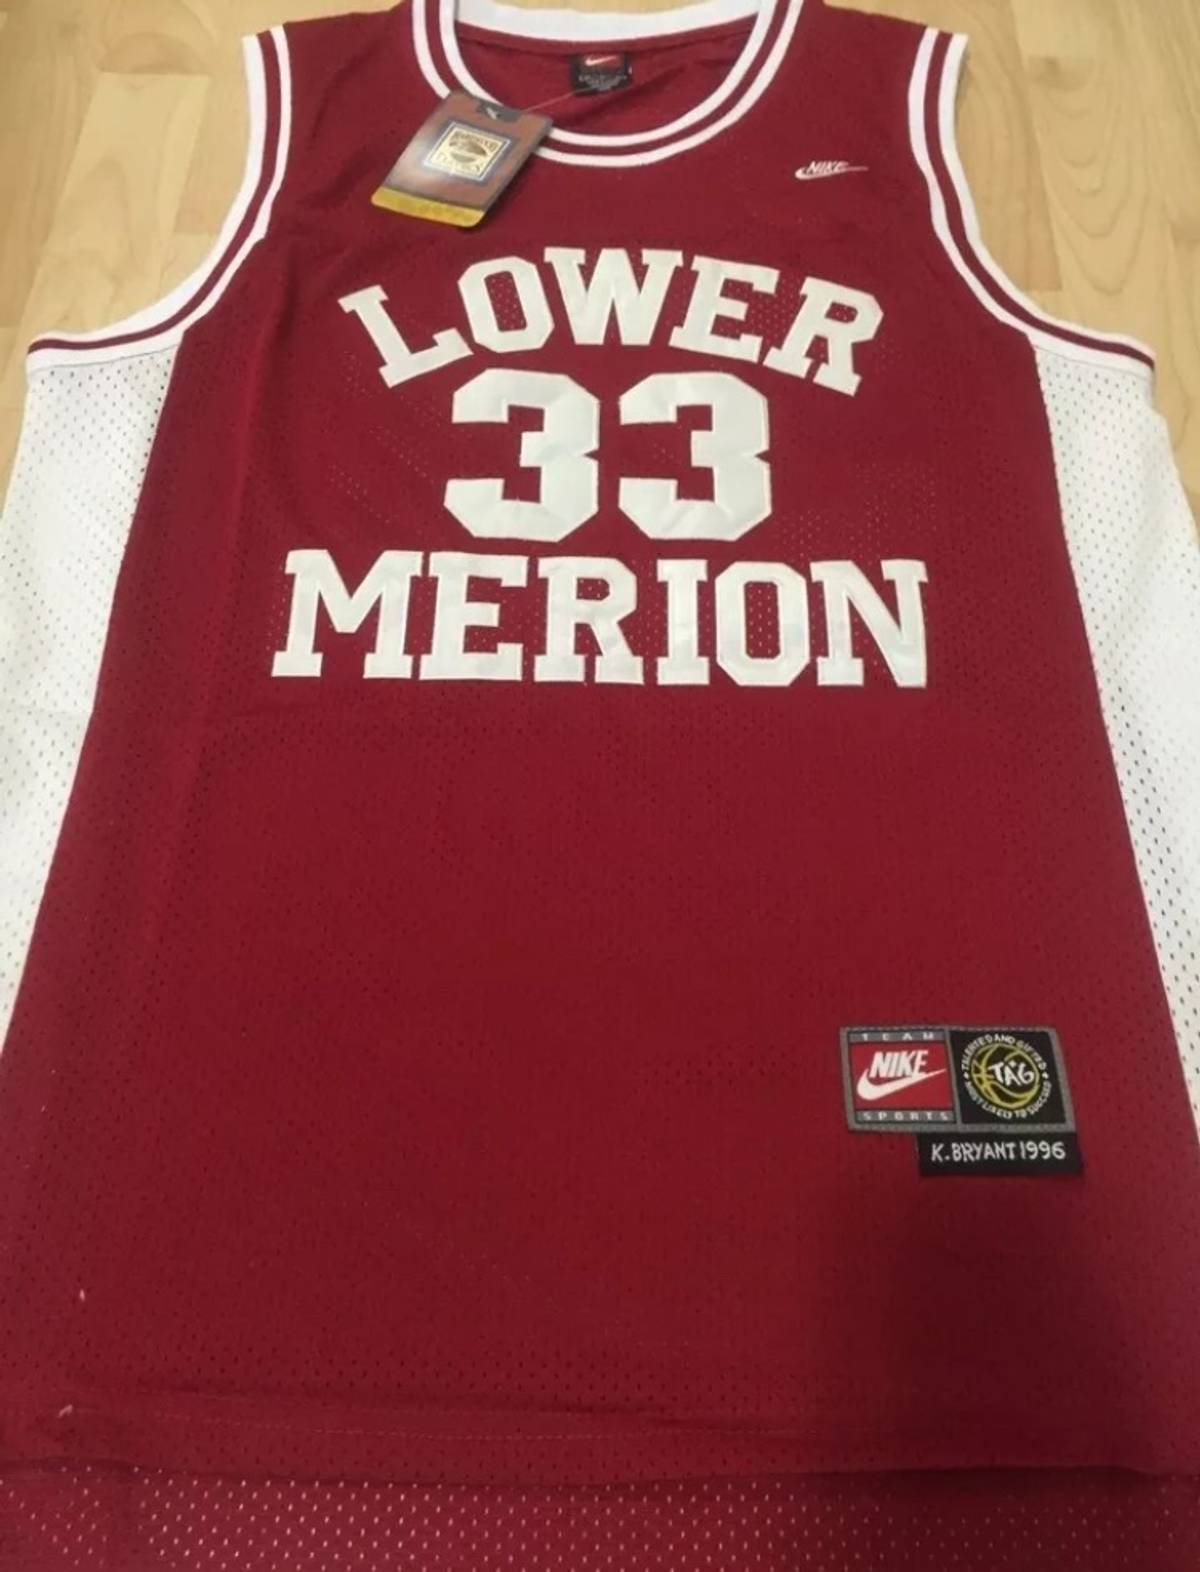 info for 6905d 4d4da Nike Lower Merion High School #33 Kobe Bryant Jerseys Size M $36